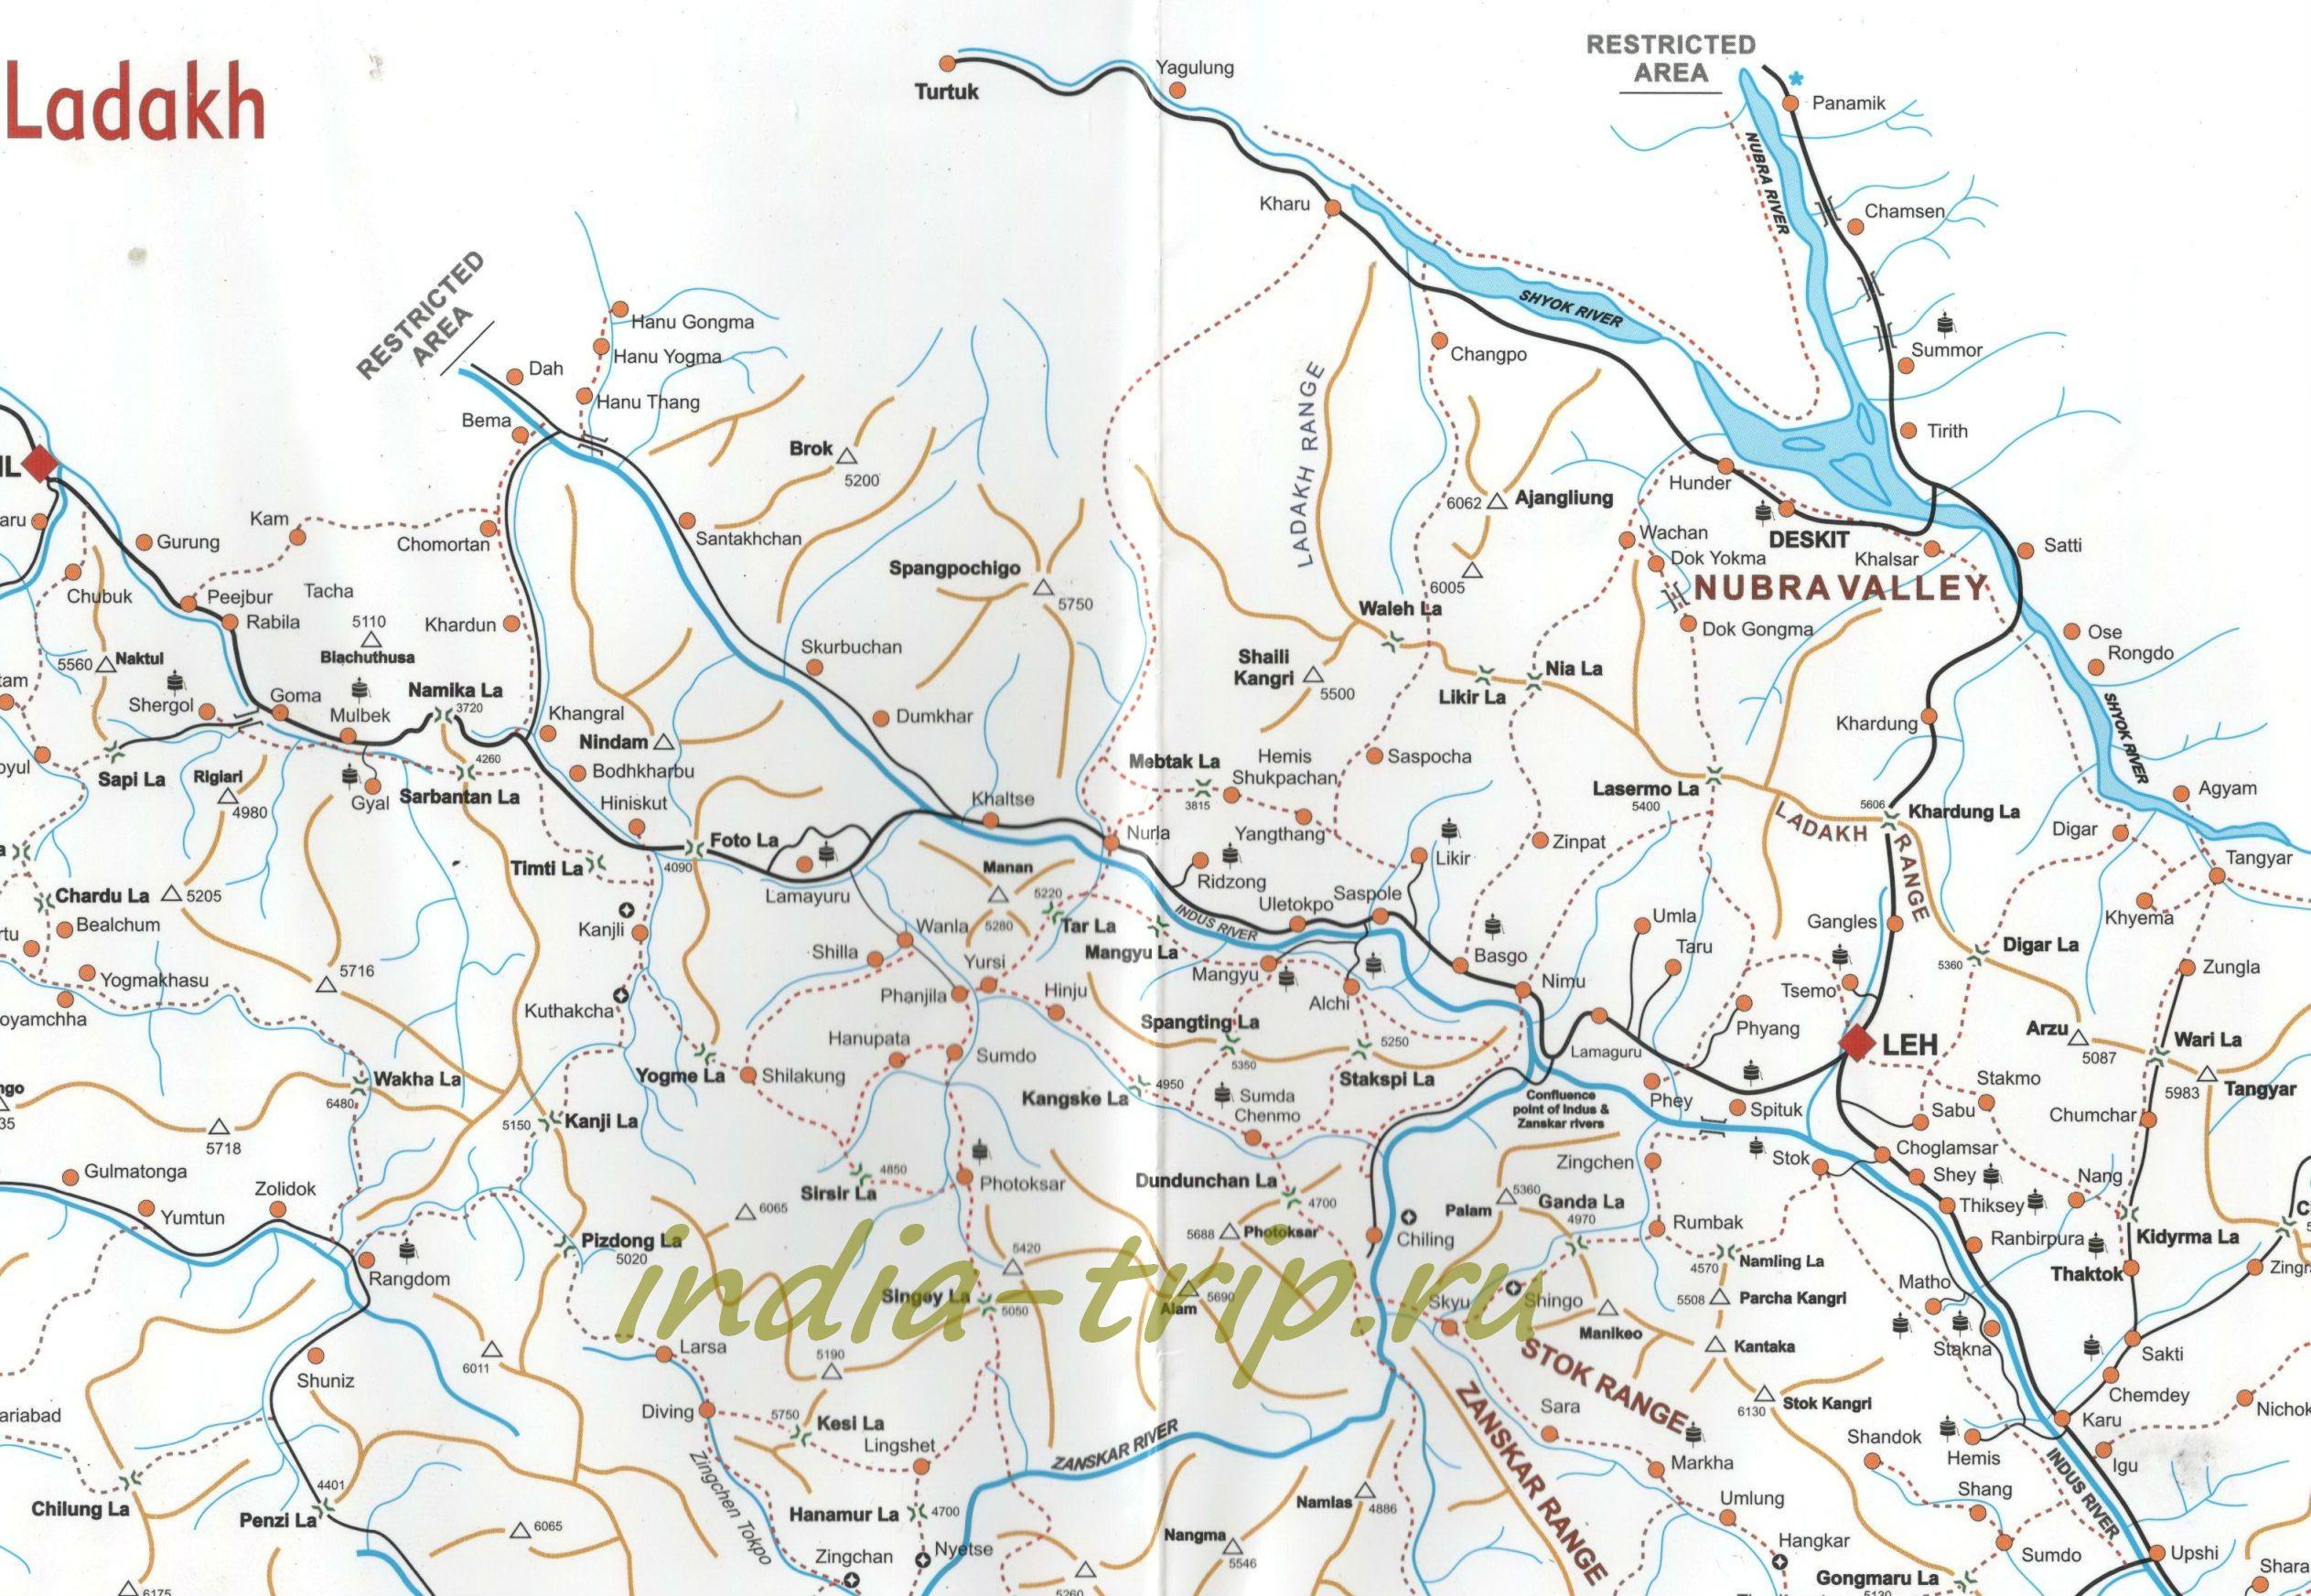 Карта региона Ладакх